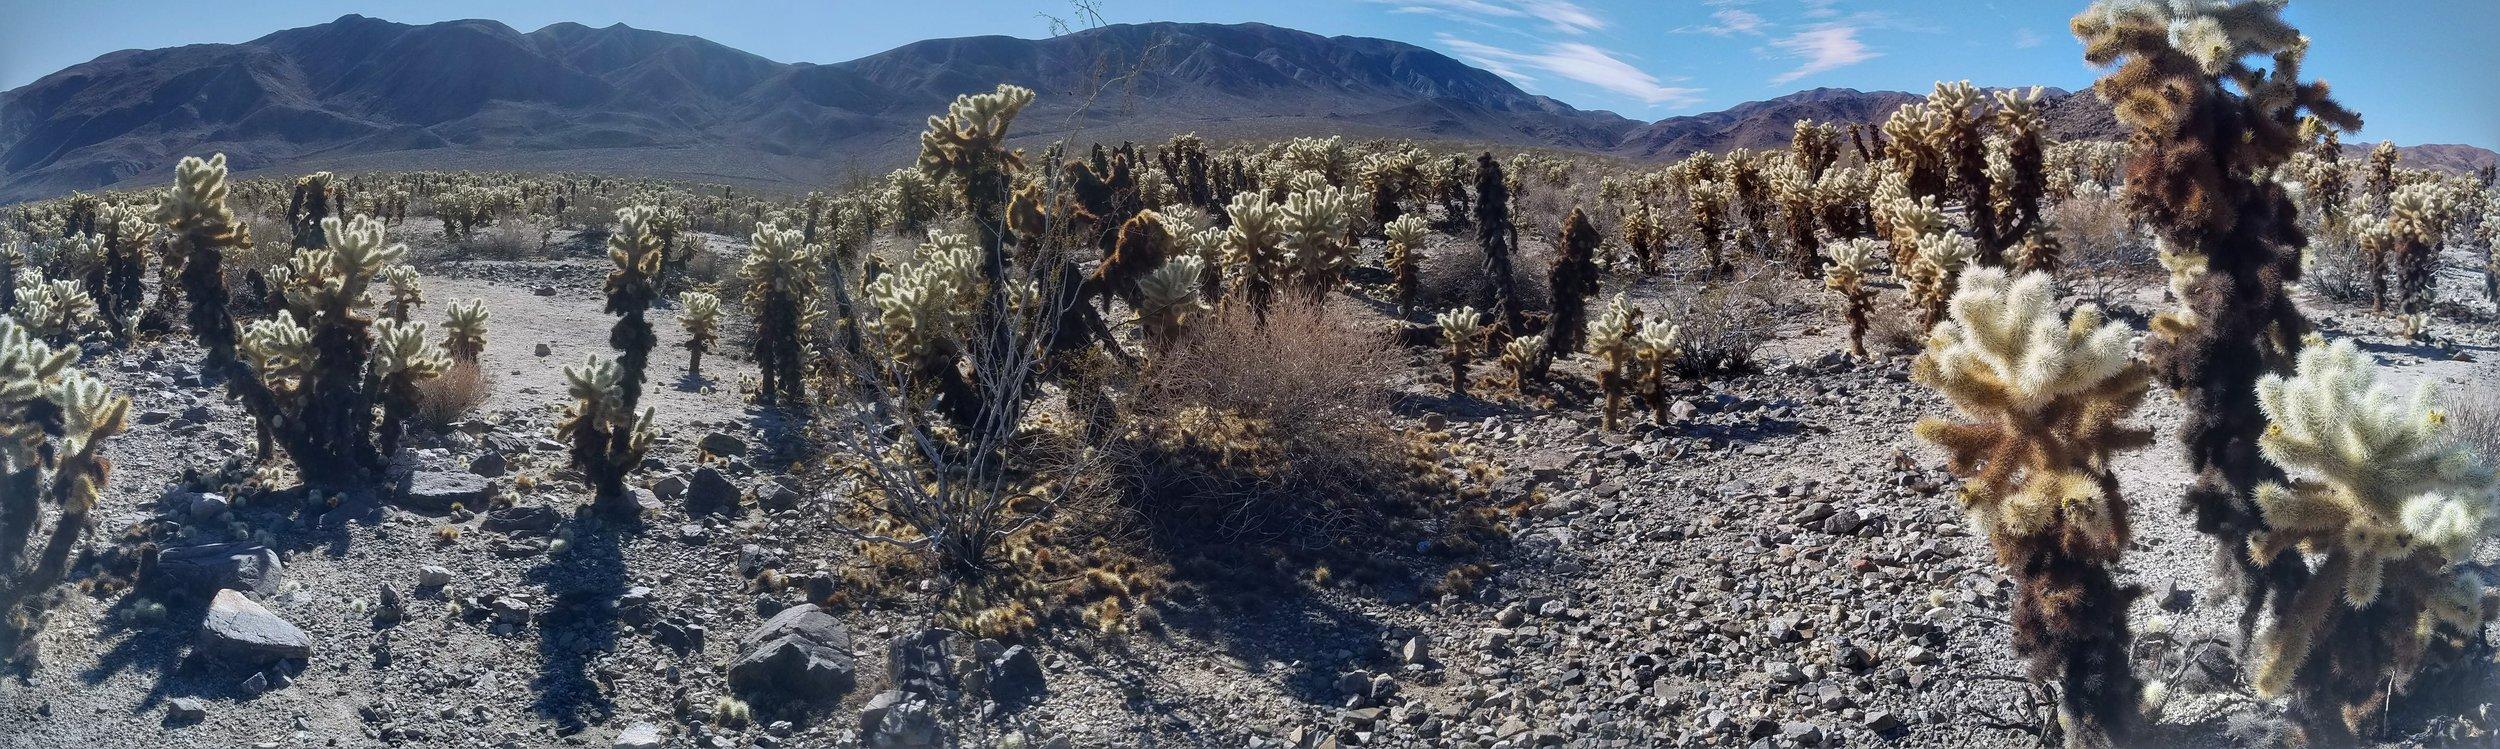 Cholla Cactus Garden Panorama